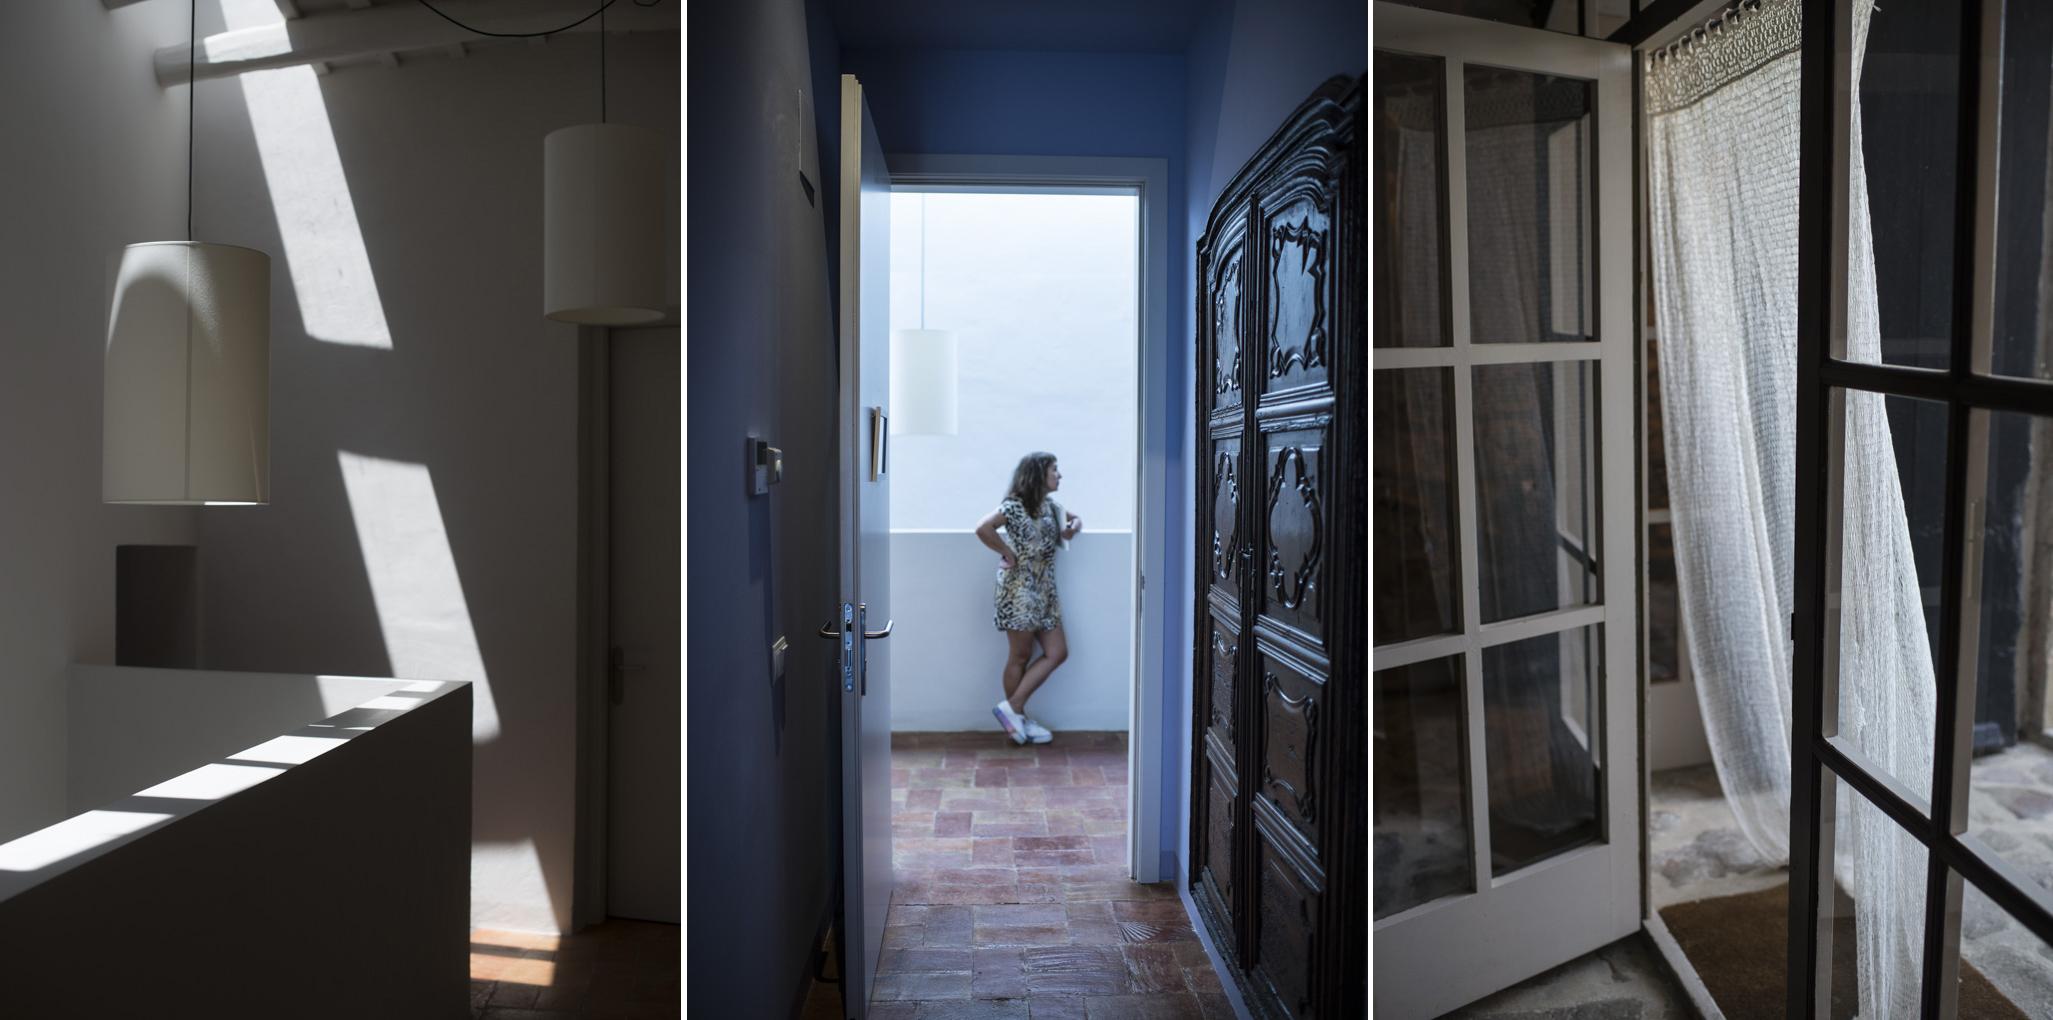 la luz se filtra por los rincones de la casa